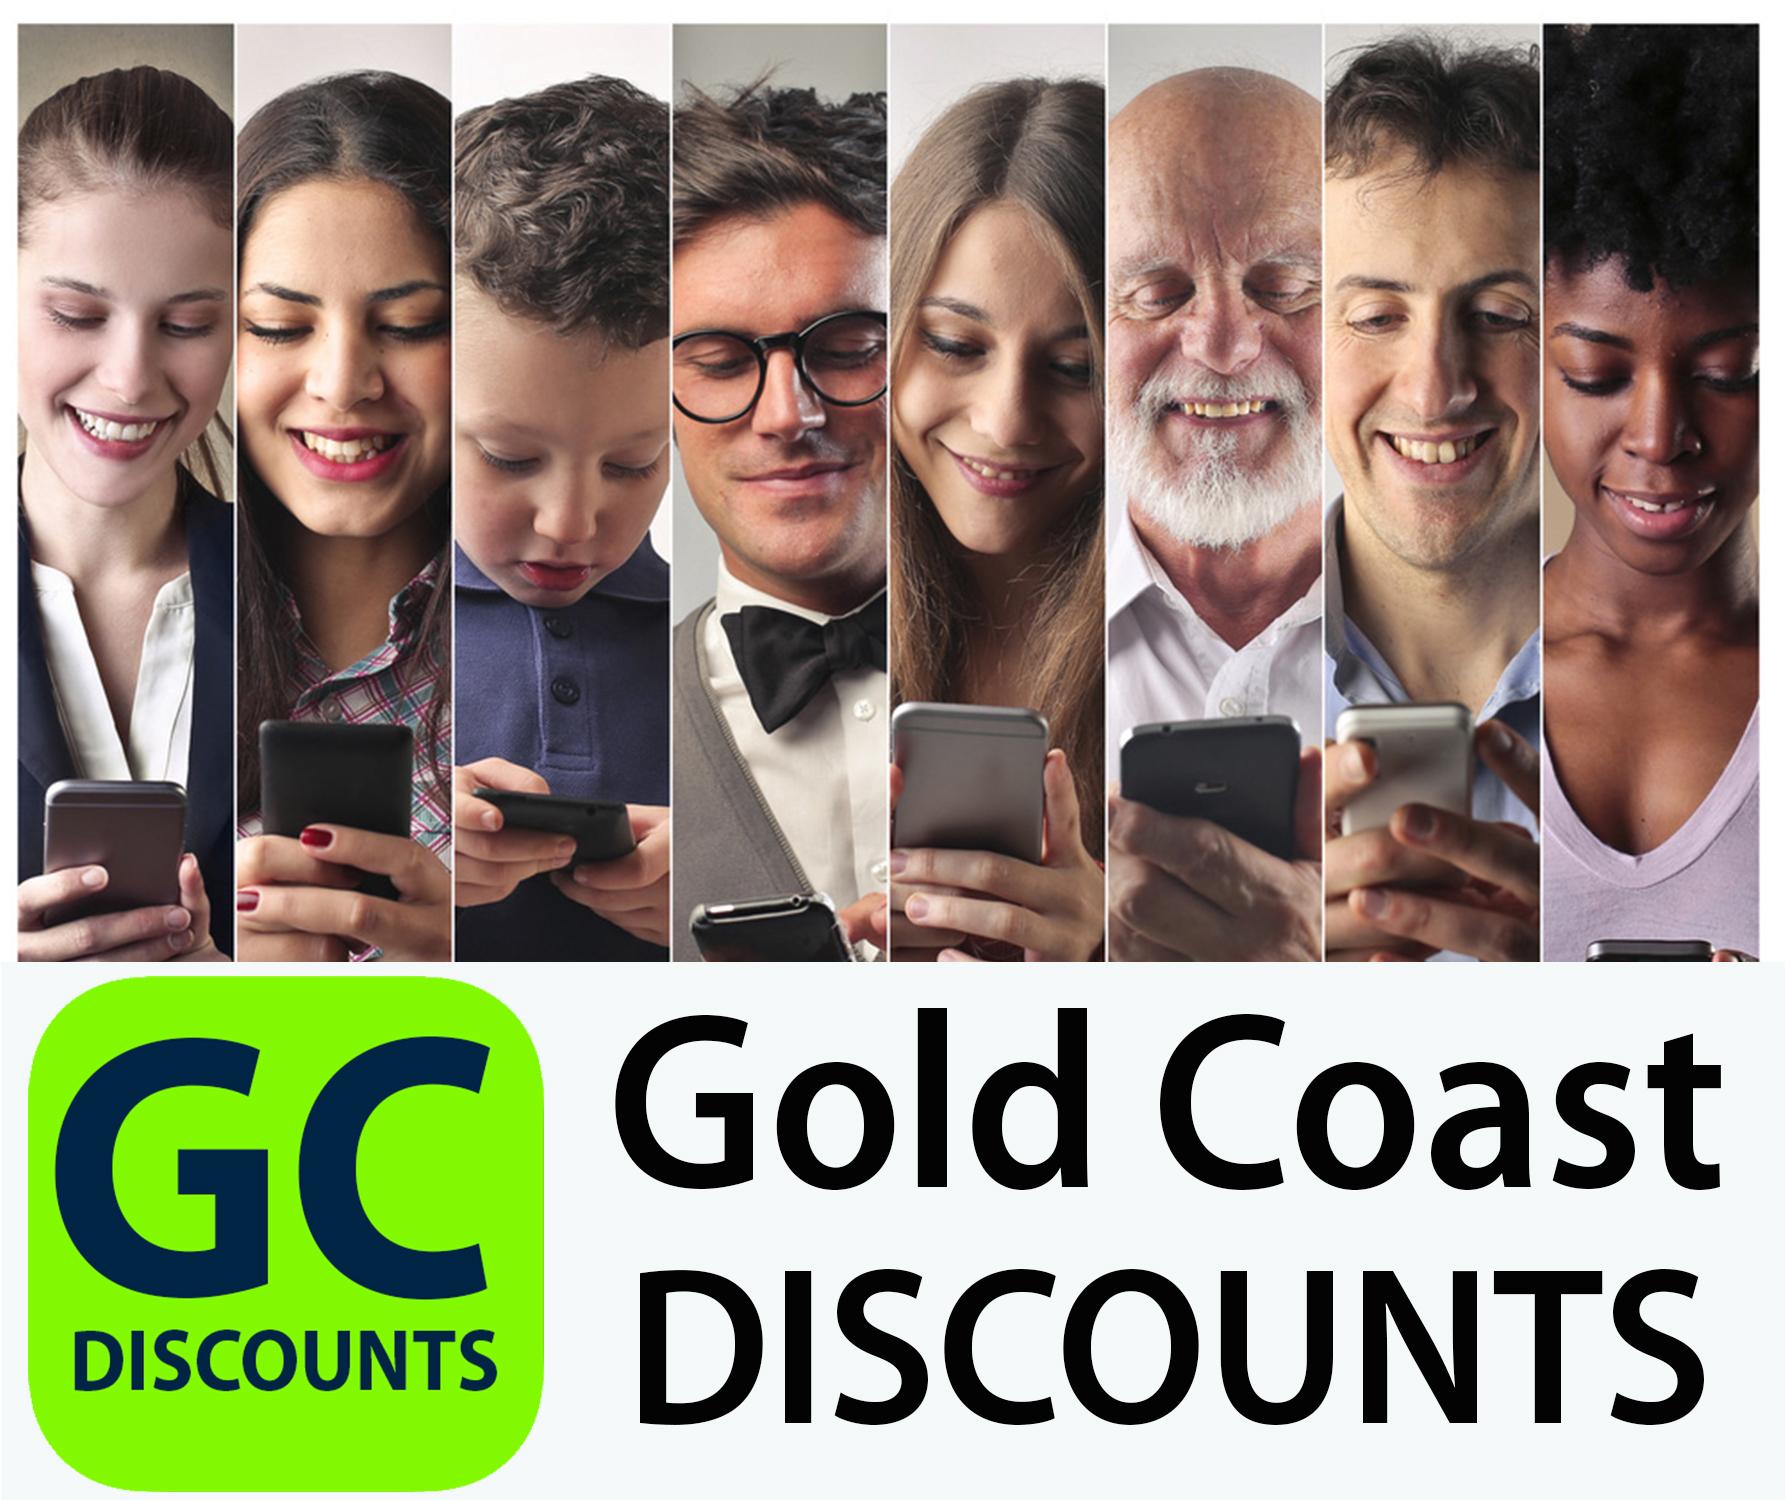 Gold Coast Discounts